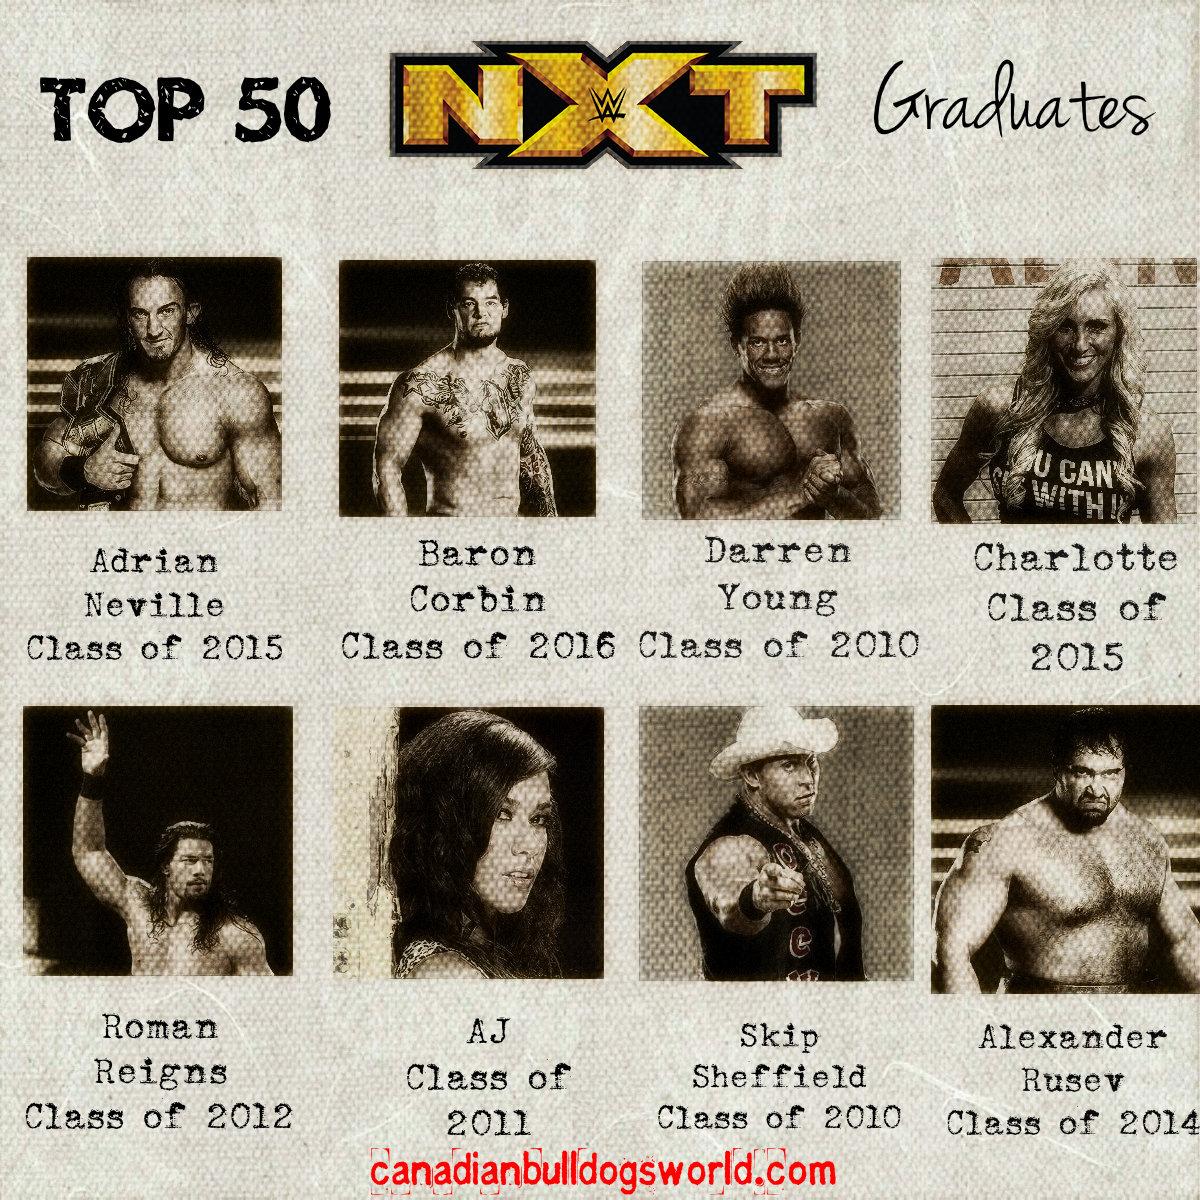 Top 50 NXT Graduates